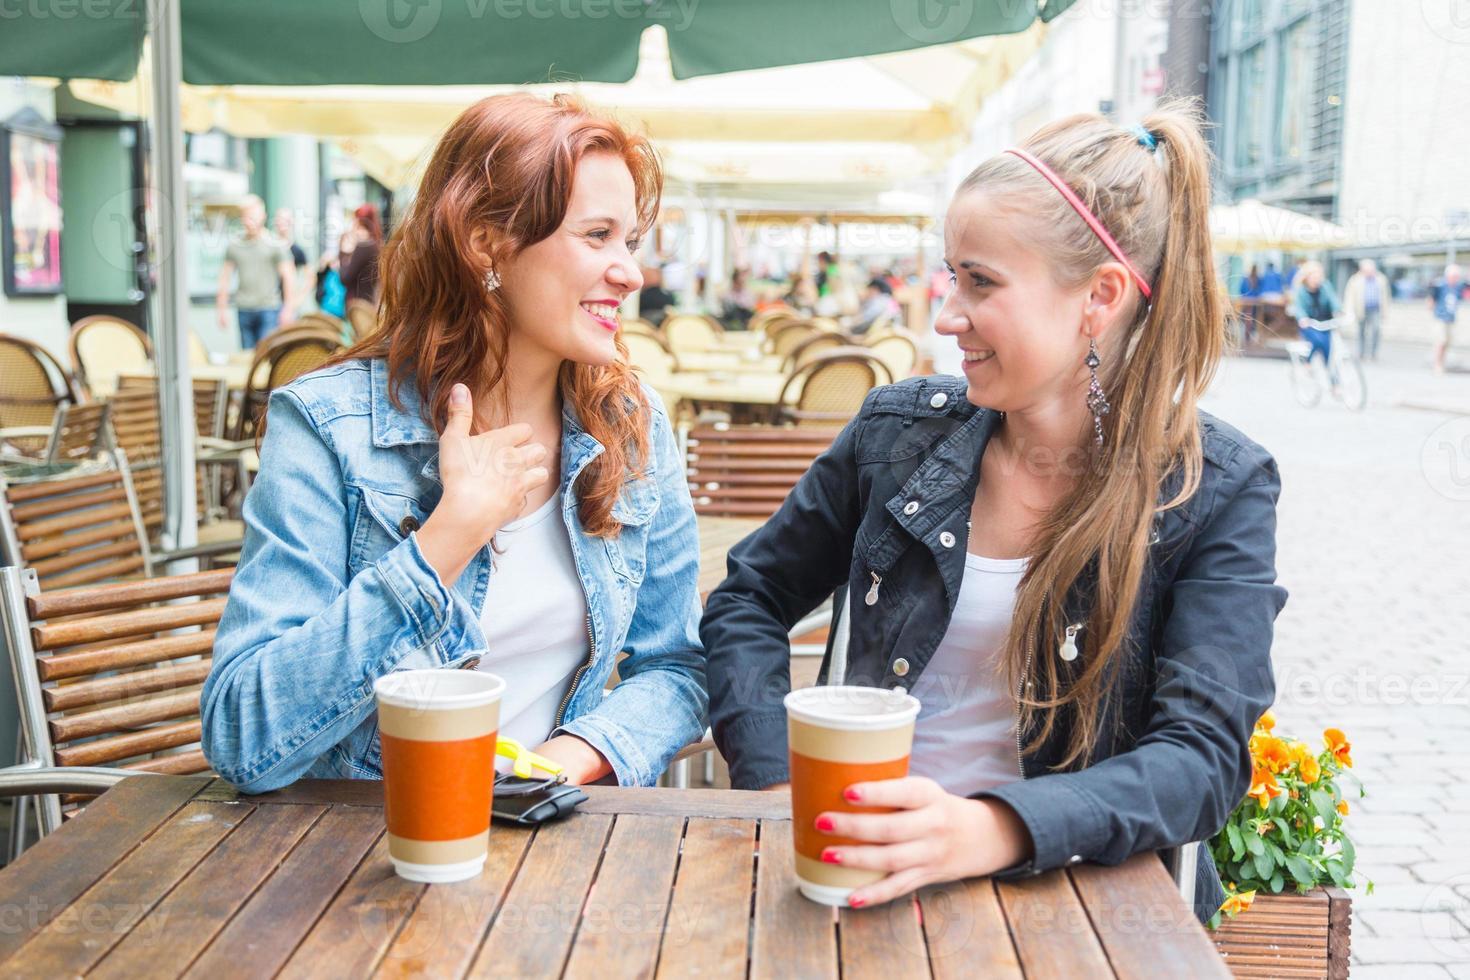 adolescentes bebendo no bar foto